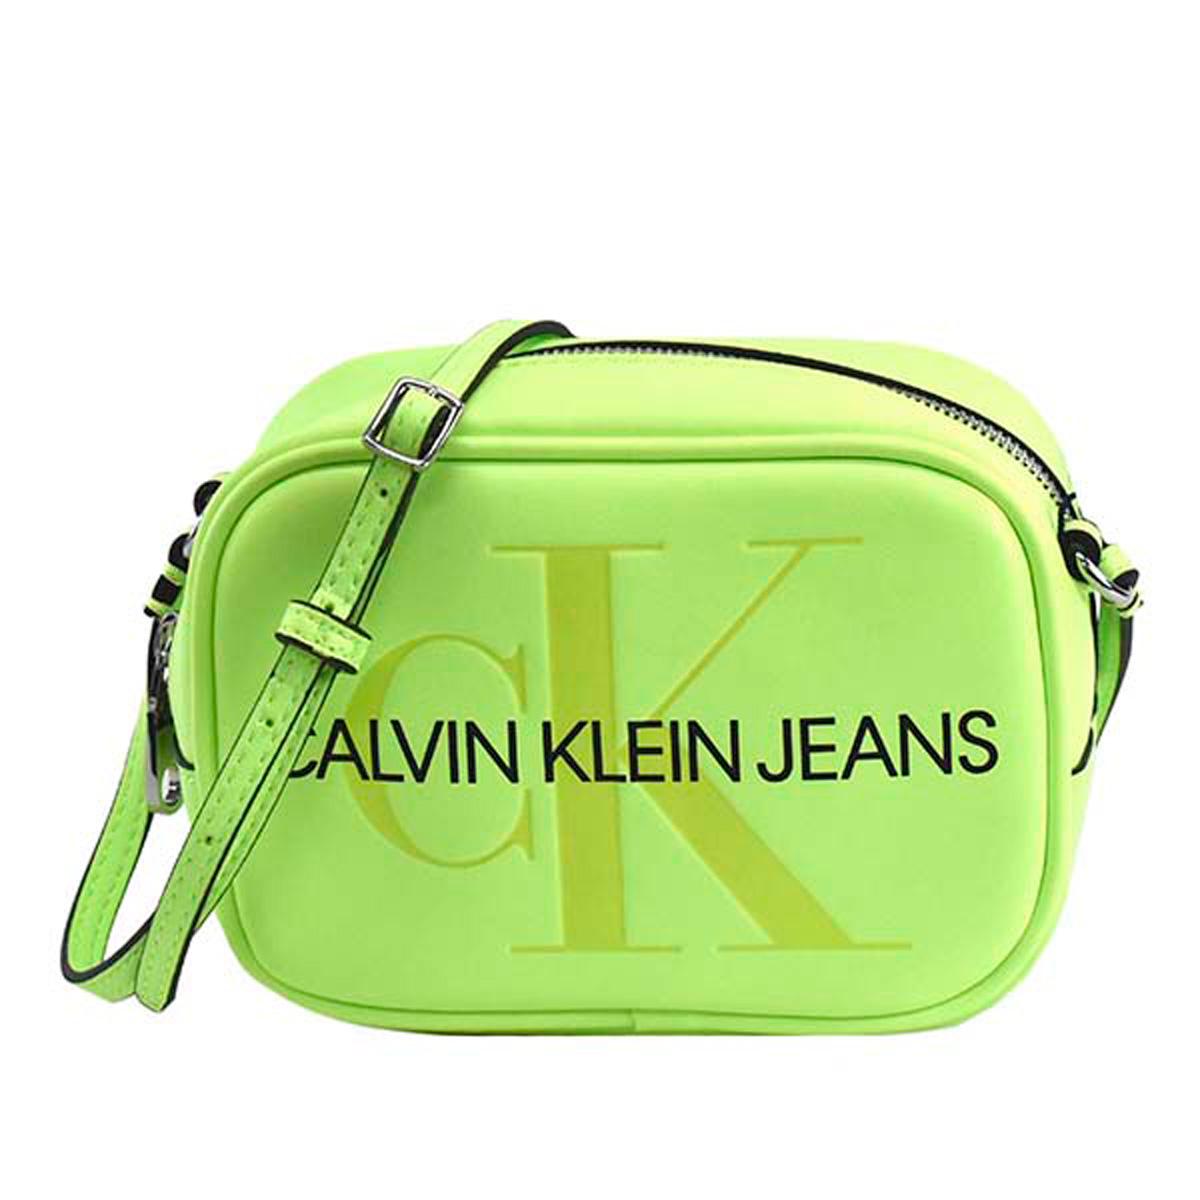 カルバンクラインジーンズ Calvin Klein Jeans CK バッグ K60K605524 070 SCULPTED MONOGRAM CAMERA BAG スカルプトゥ モノグラム カメラバッグ 斜めがけバッグ ミニバッグ ショルダーバッグ SAFETY YELLOW 蛍光イエロー系+ボルドー系